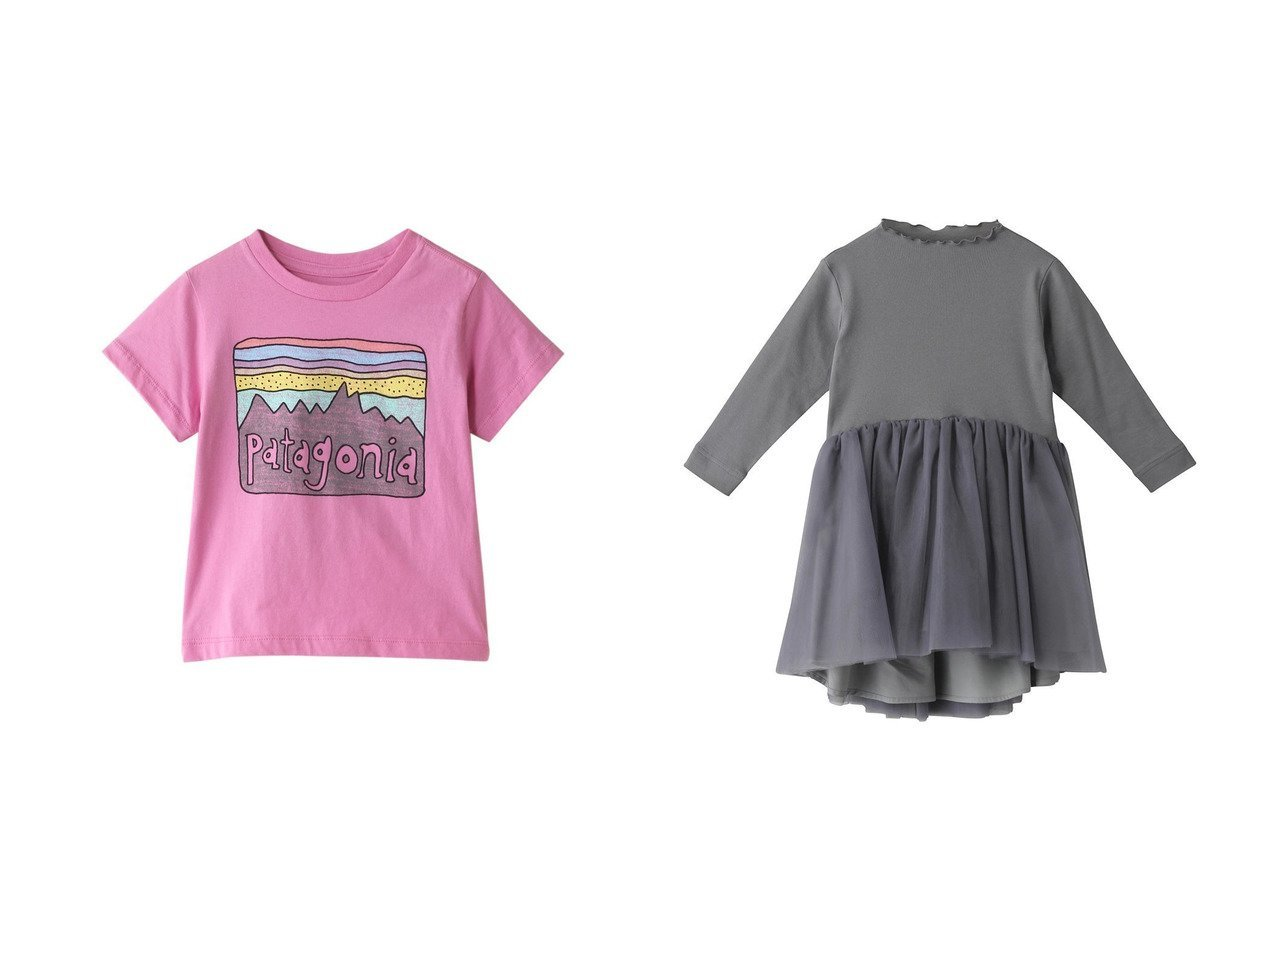 【patagonia / KIDS/パタゴニア】の【Baby】フィッツロイスカイズオーガニックTシャツ&【AMICA / KIDS/アミカ】の【Baby&Kids】チュチュドレス 【BABY】ベビー服のおすすめ!人気、キッズファッションの通販 おすすめで人気の流行・トレンド、ファッションの通販商品 メンズファッション・キッズファッション・インテリア・家具・レディースファッション・服の通販 founy(ファニー) https://founy.com/ ファッション Fashion キッズファッション KIDS ワンピース Dress/Kids トップス・カットソー Tops/Tees/Kids 2021年 2021 2021春夏・S/S SS/Spring/Summer/2021 S/S・春夏 SS・Spring/Summer ジャージ チュニック チュール ドレス 春 Spring |ID:crp329100000027189